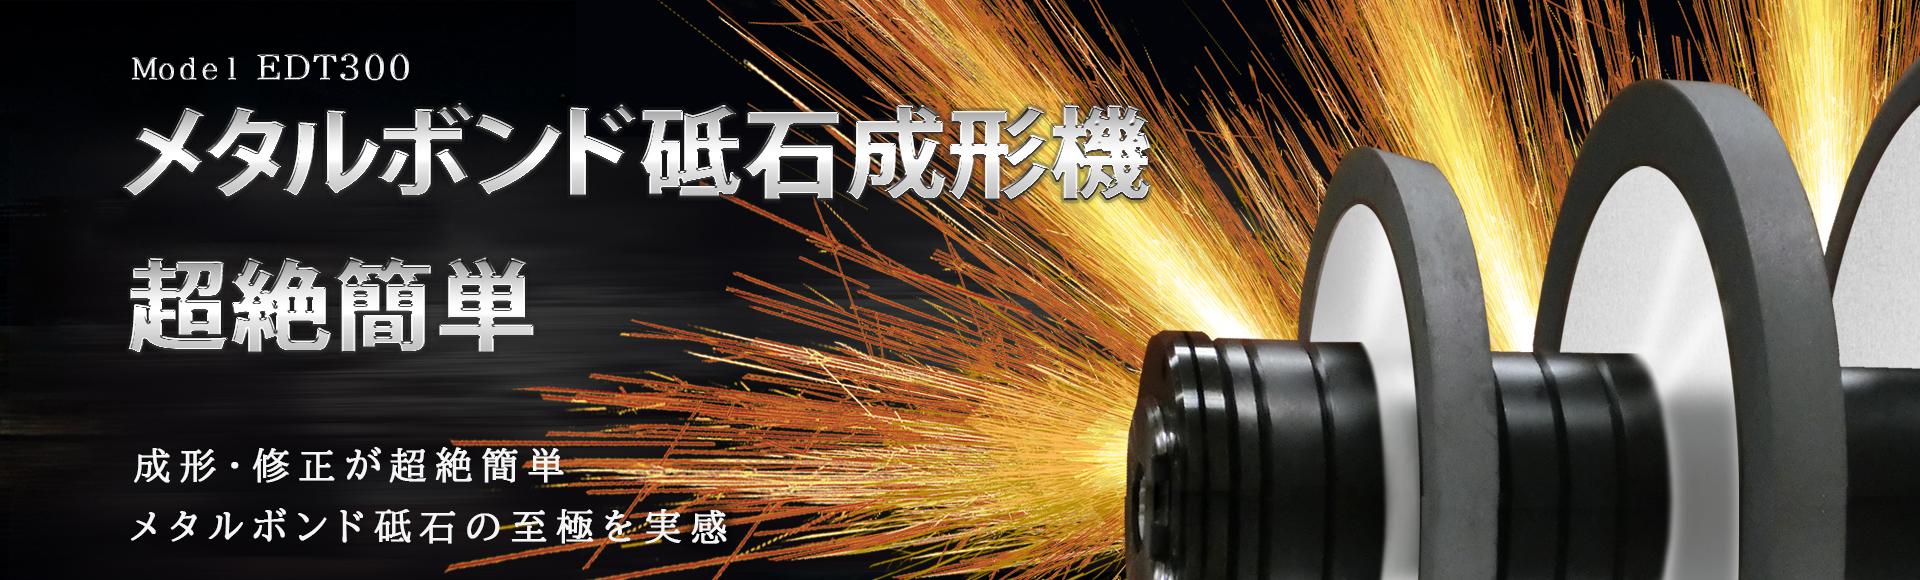 光洋機械工業 砥石成形機